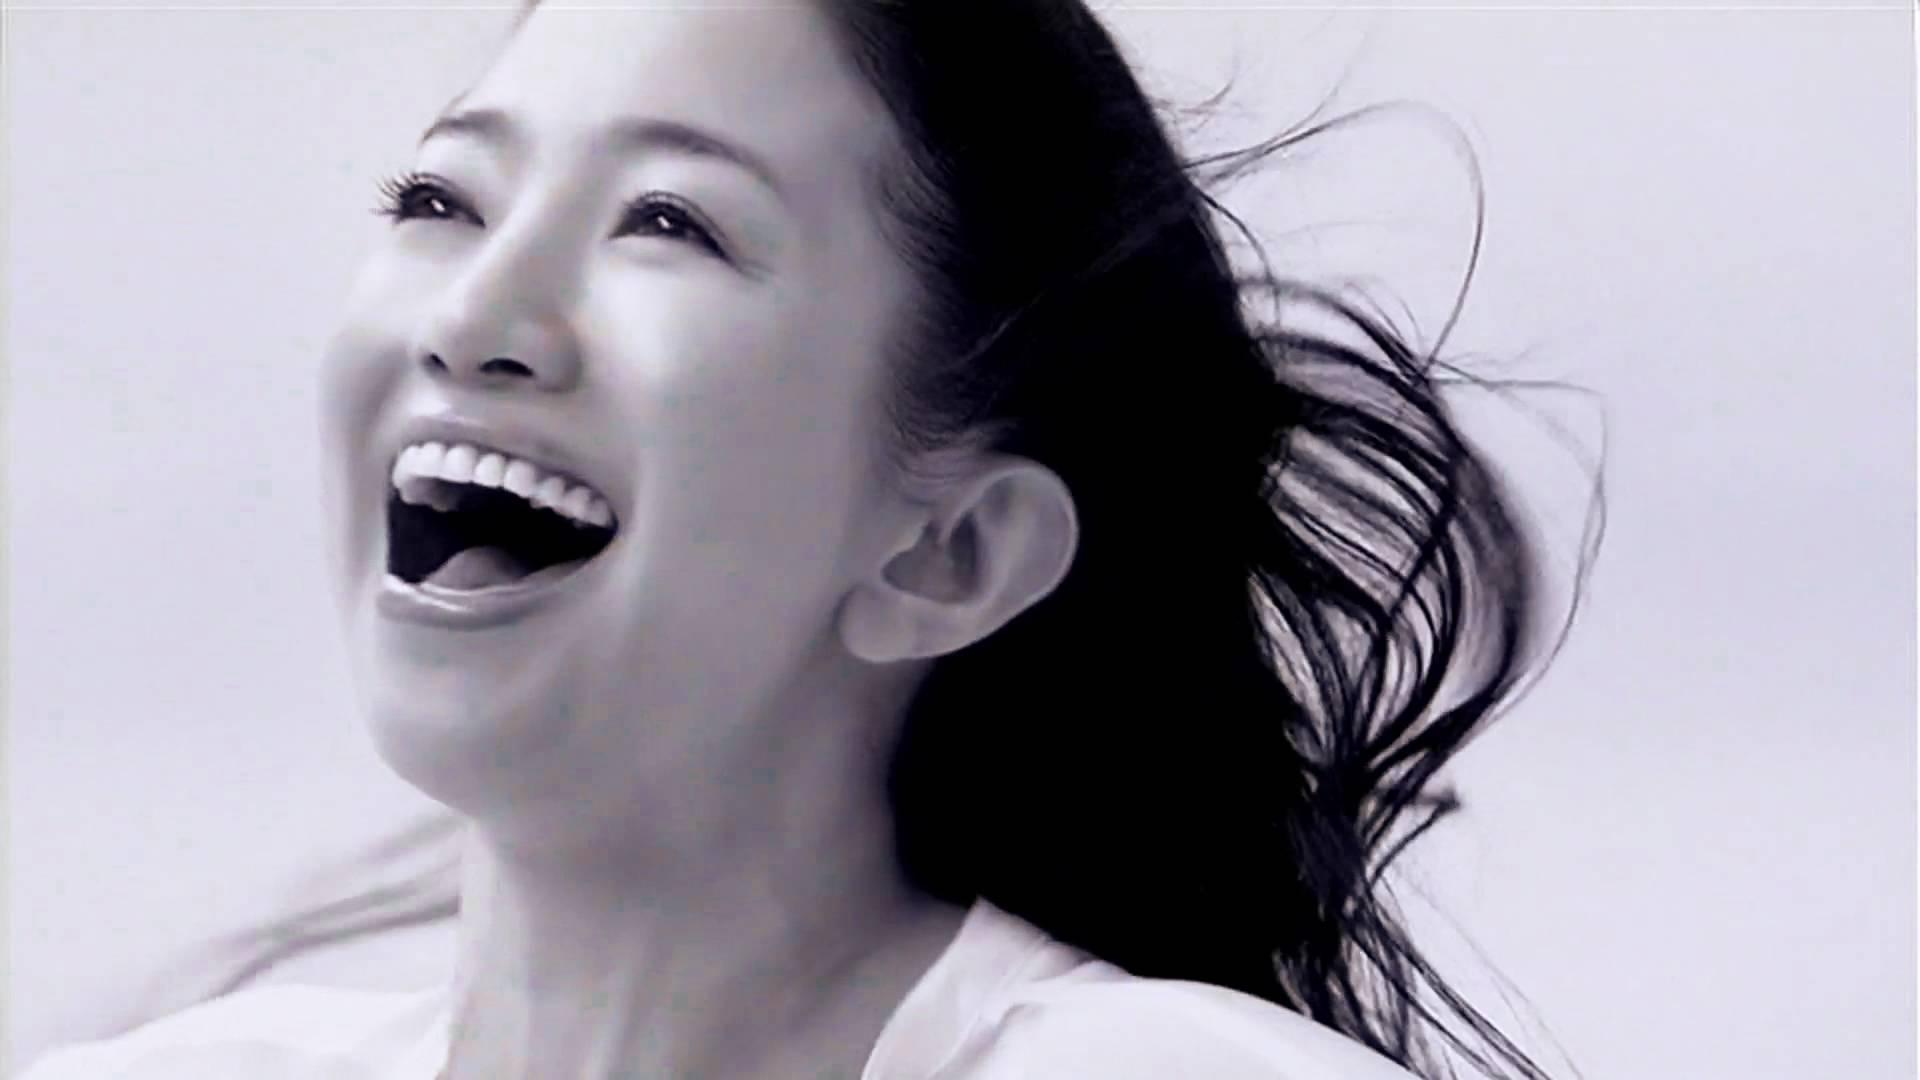 【ドリカム】吉田美和の旦那まとめ!末田健とは略奪婚!鎌田樹音と結婚の真相!のサムネイル画像